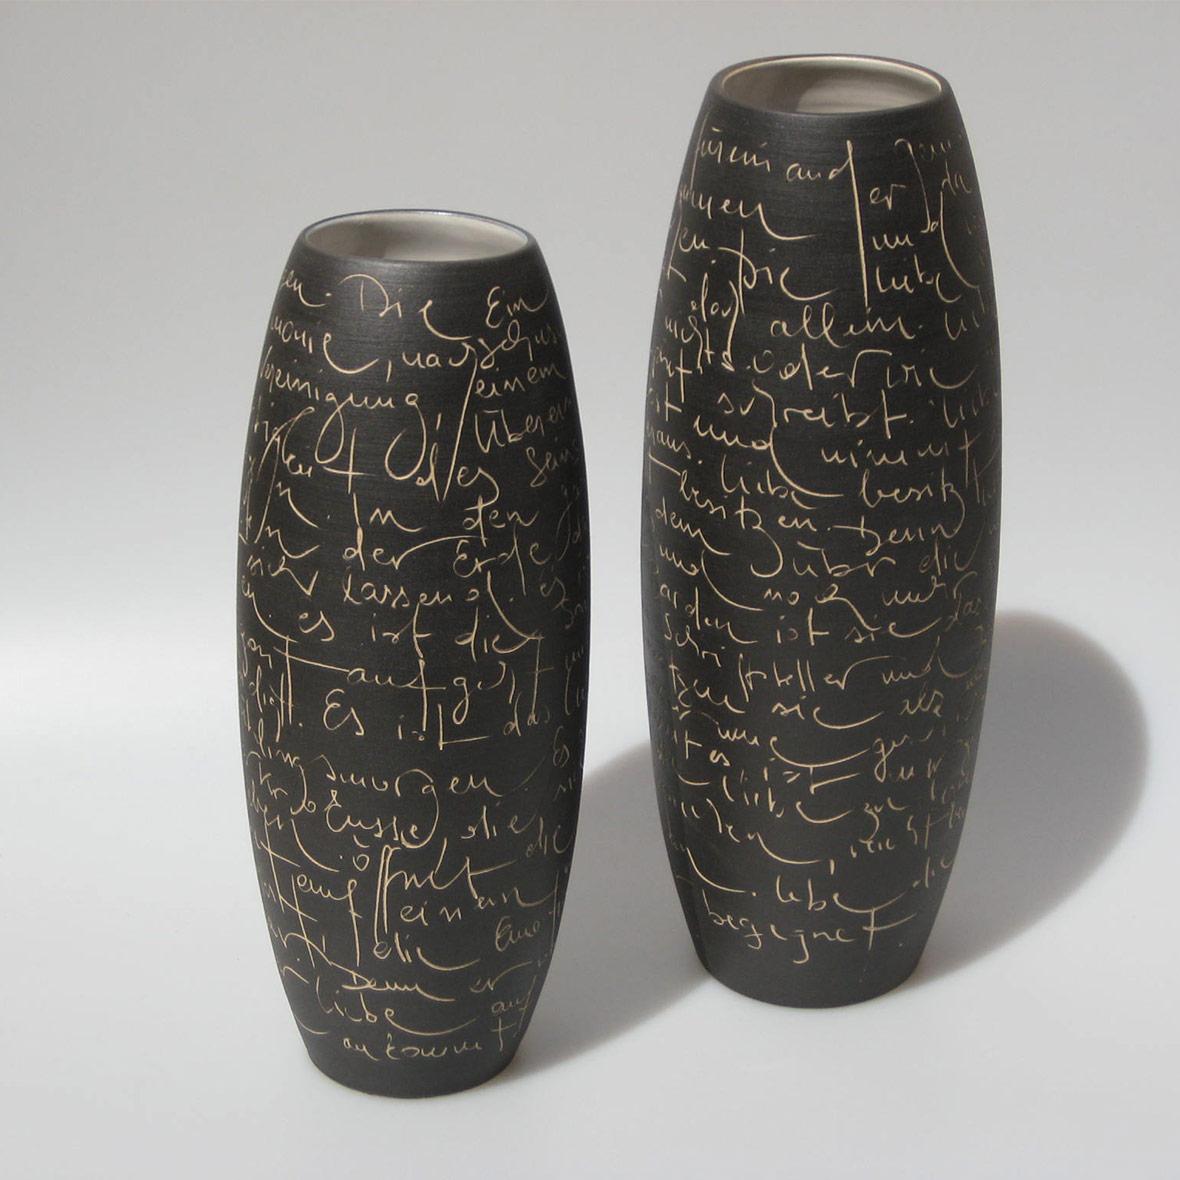 Keramik Vase Scrittura Anita Furrer